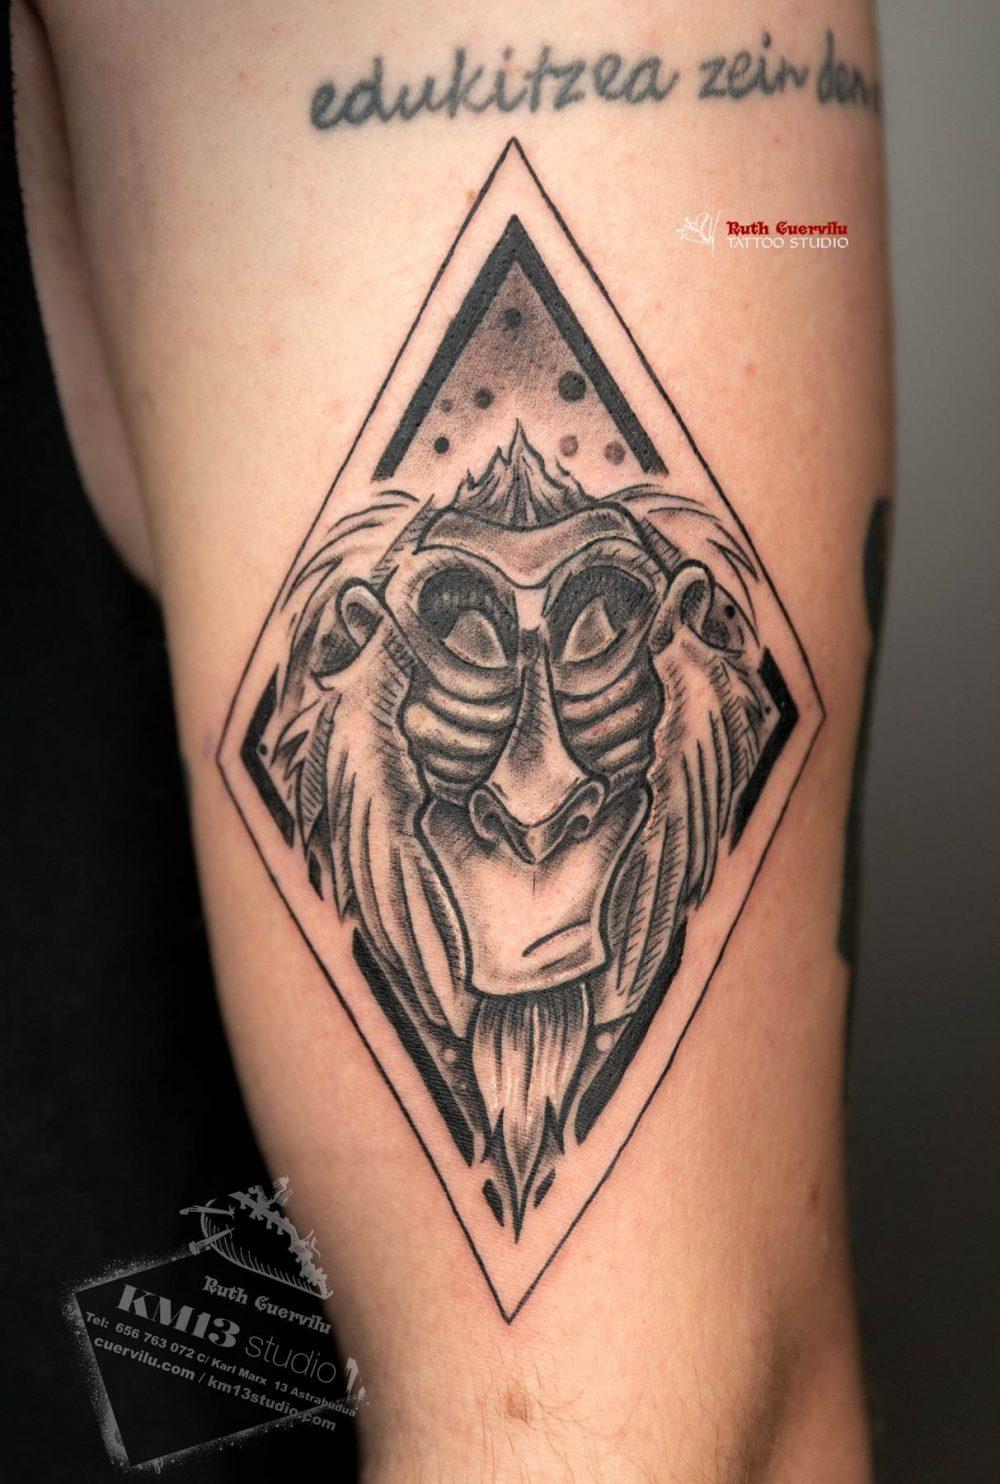 Tatuaje Rafiki Rey Leon Hakuna Matata - ruth cuervilu tattoo - km13 studio - estudio de tatuajes en astrabudua erandio bizkaia bilbao barakaldo portugalete, getxo, donostia gasteiz